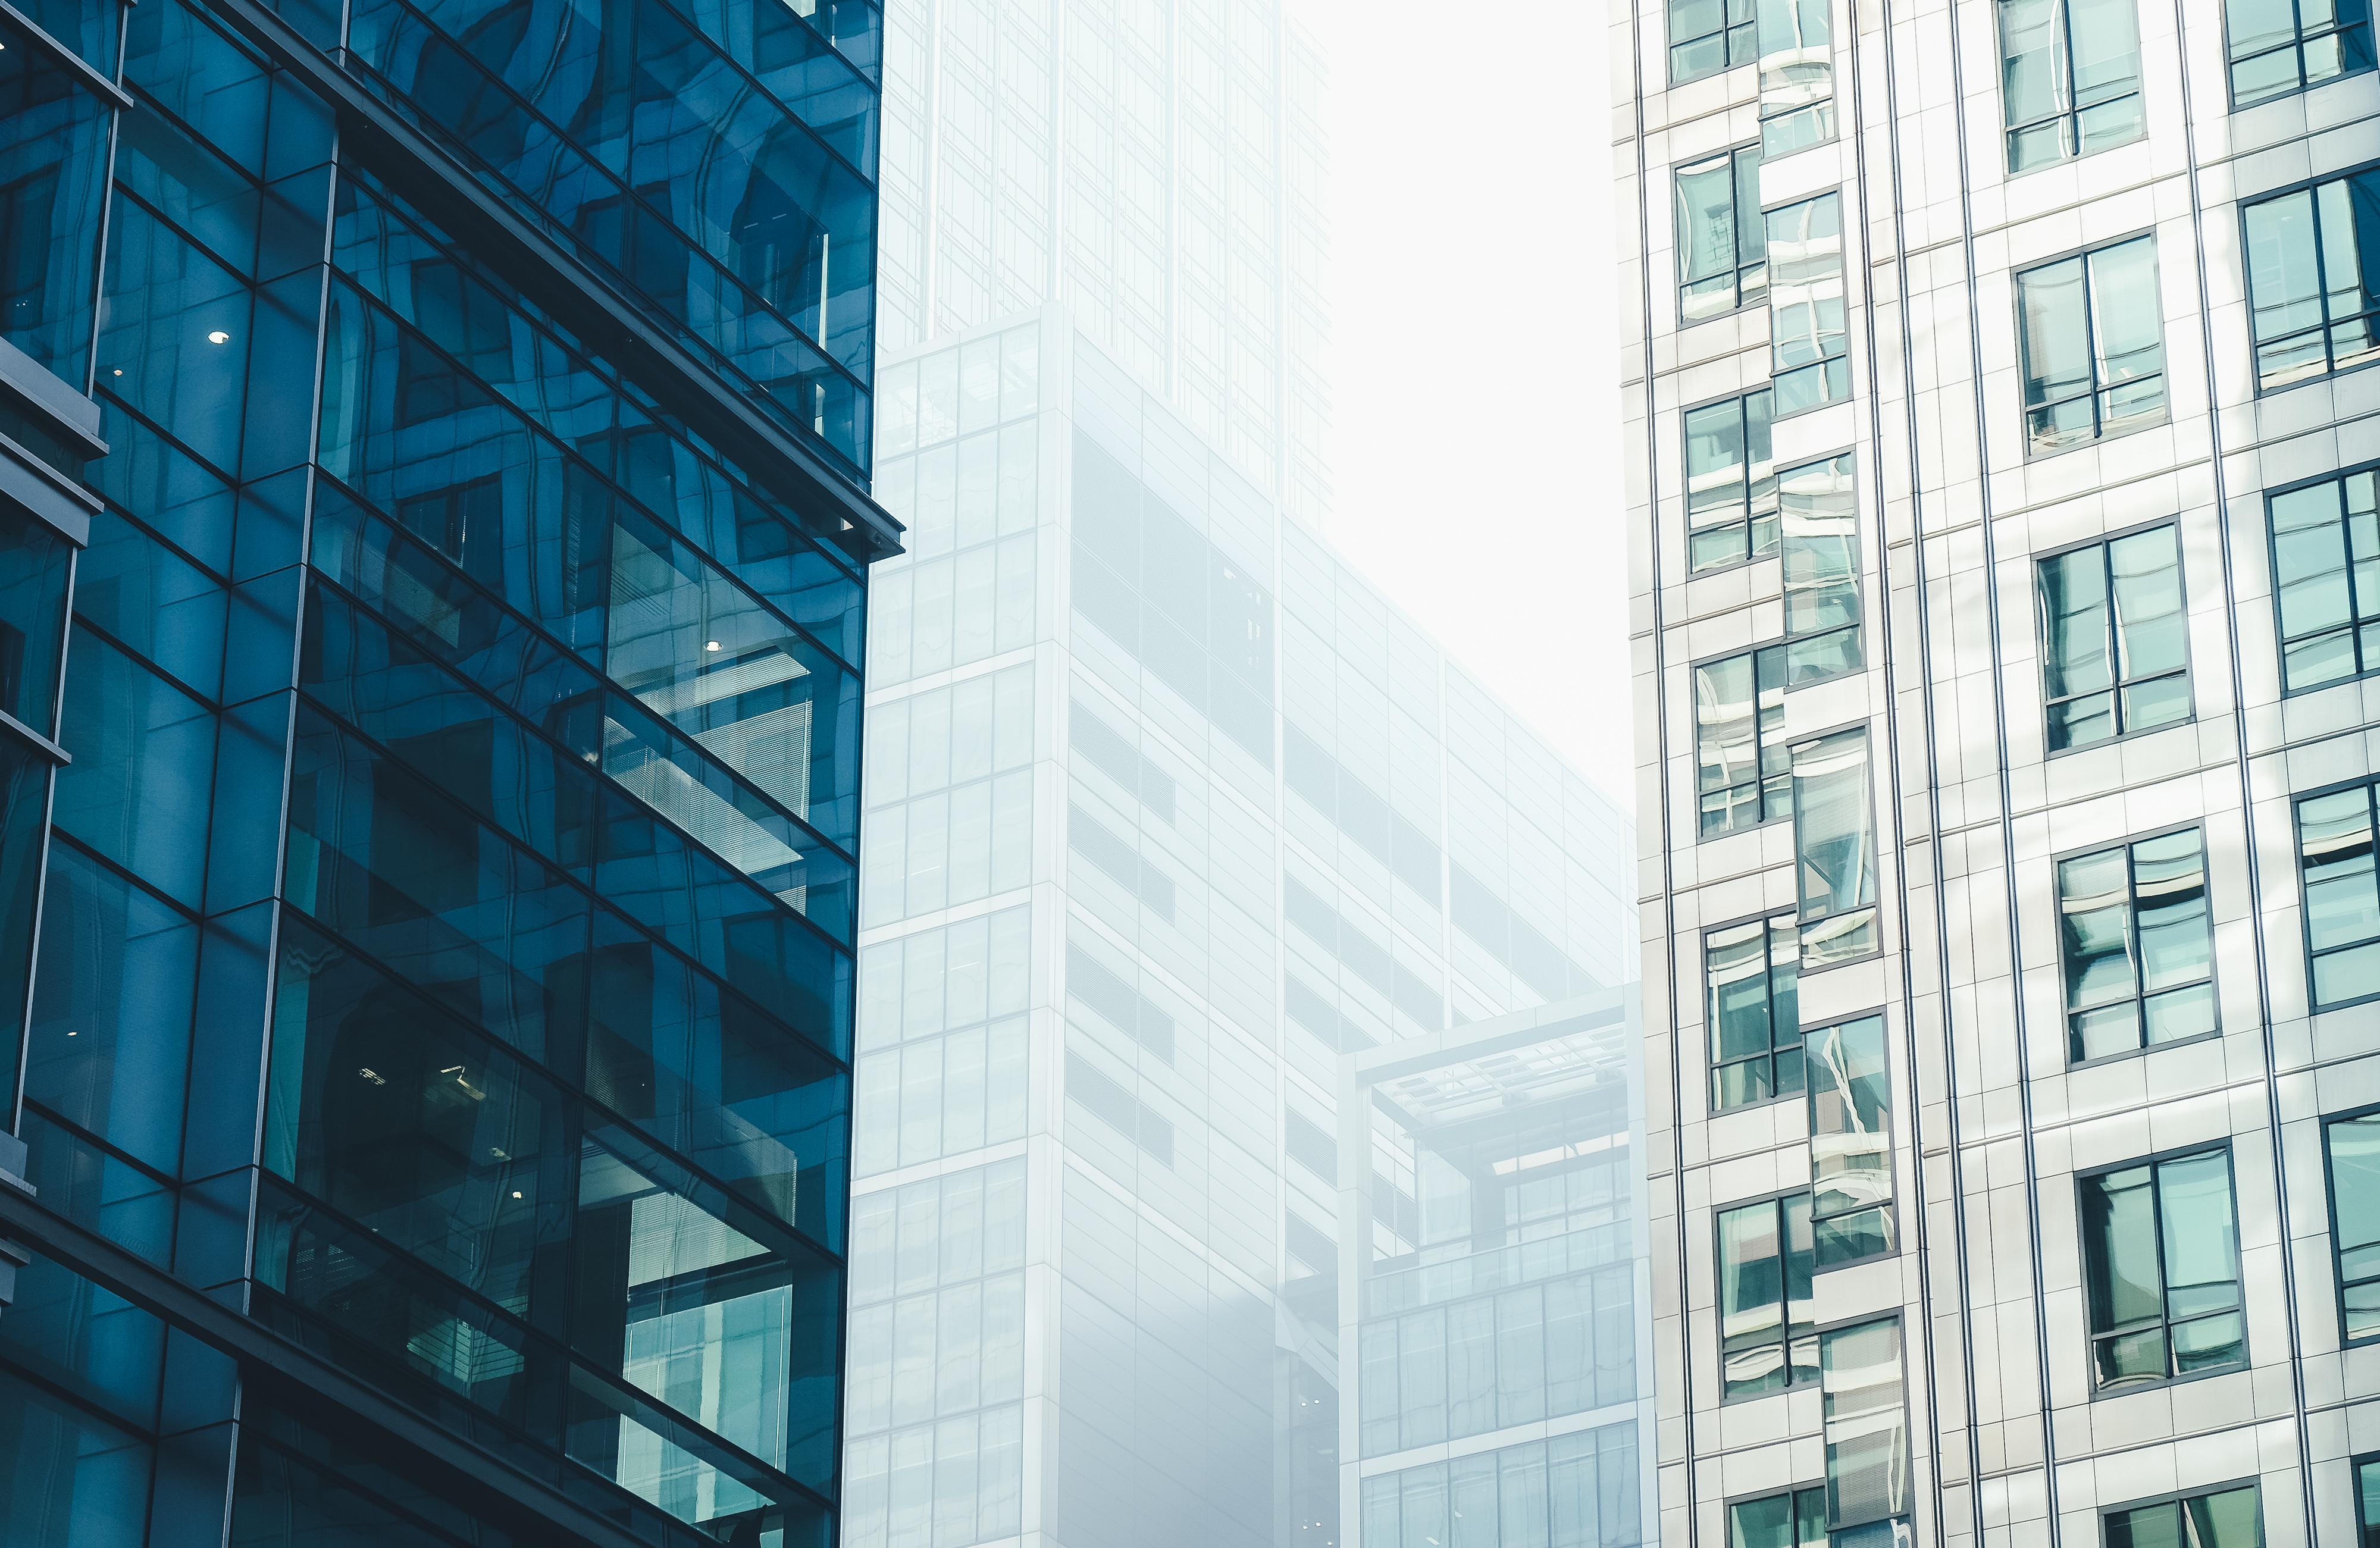 Moderne Stehlen Design kostenlose foto die architektur fenster glas perspektive